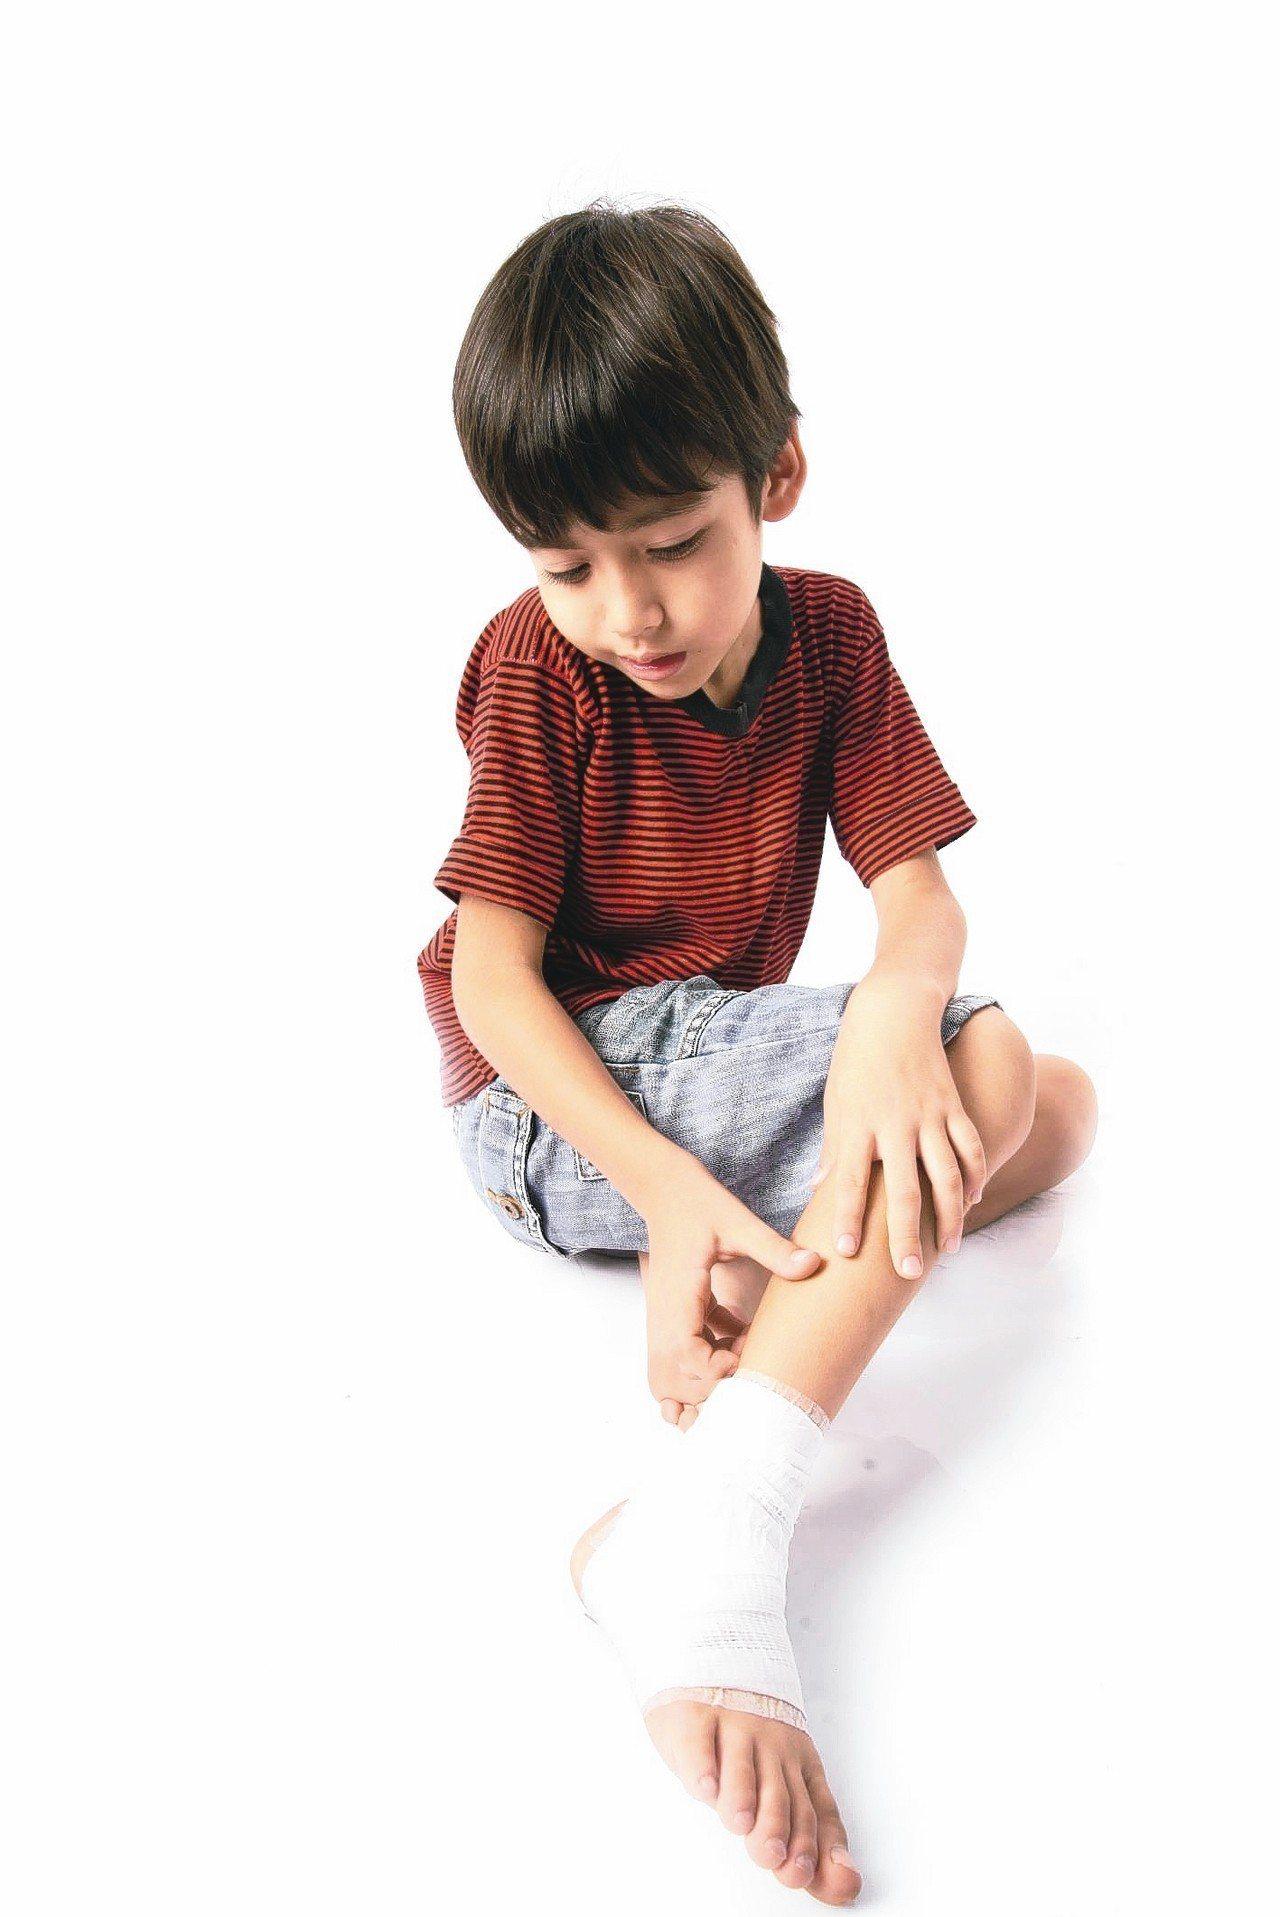 骨骺炎常被誤以為是生長痛,或誤診為足底筋膜炎。 圖/123RF